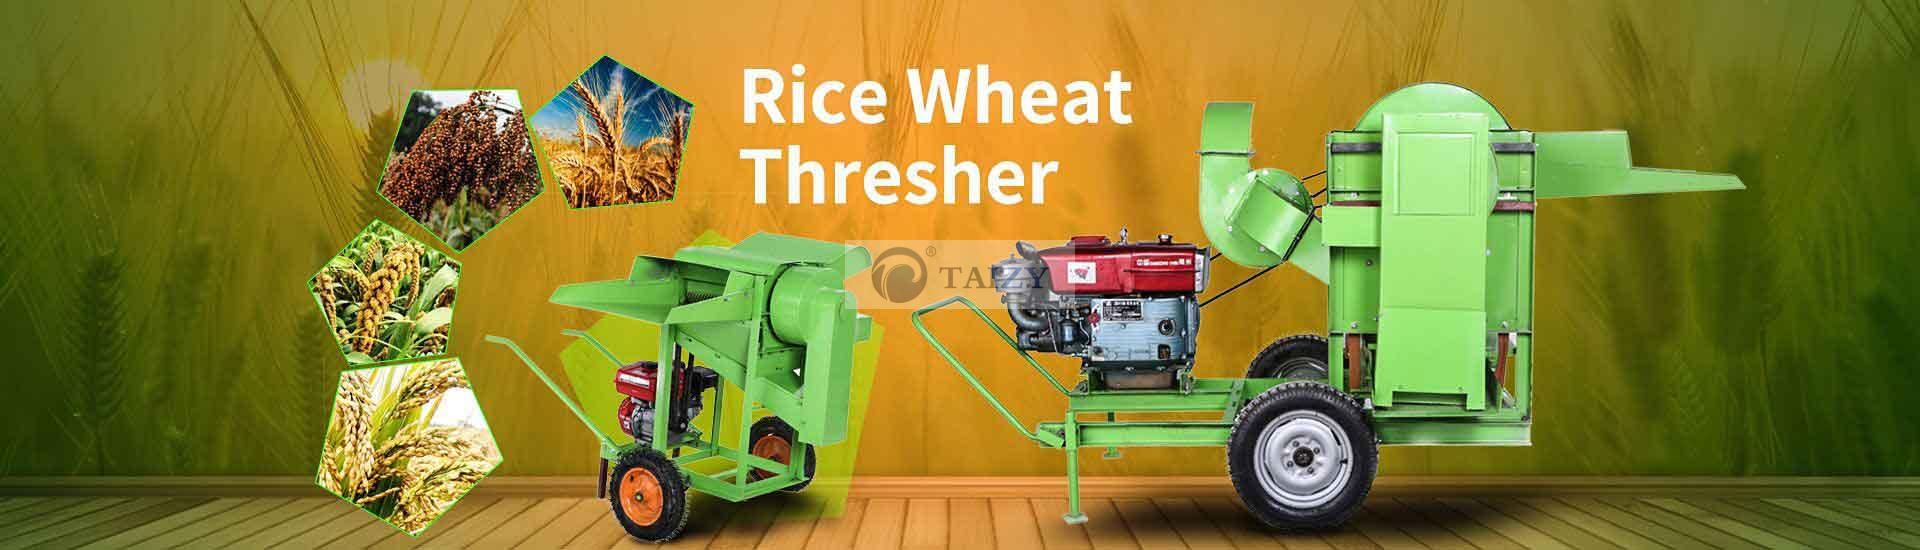 rice-wheat-thresher-1